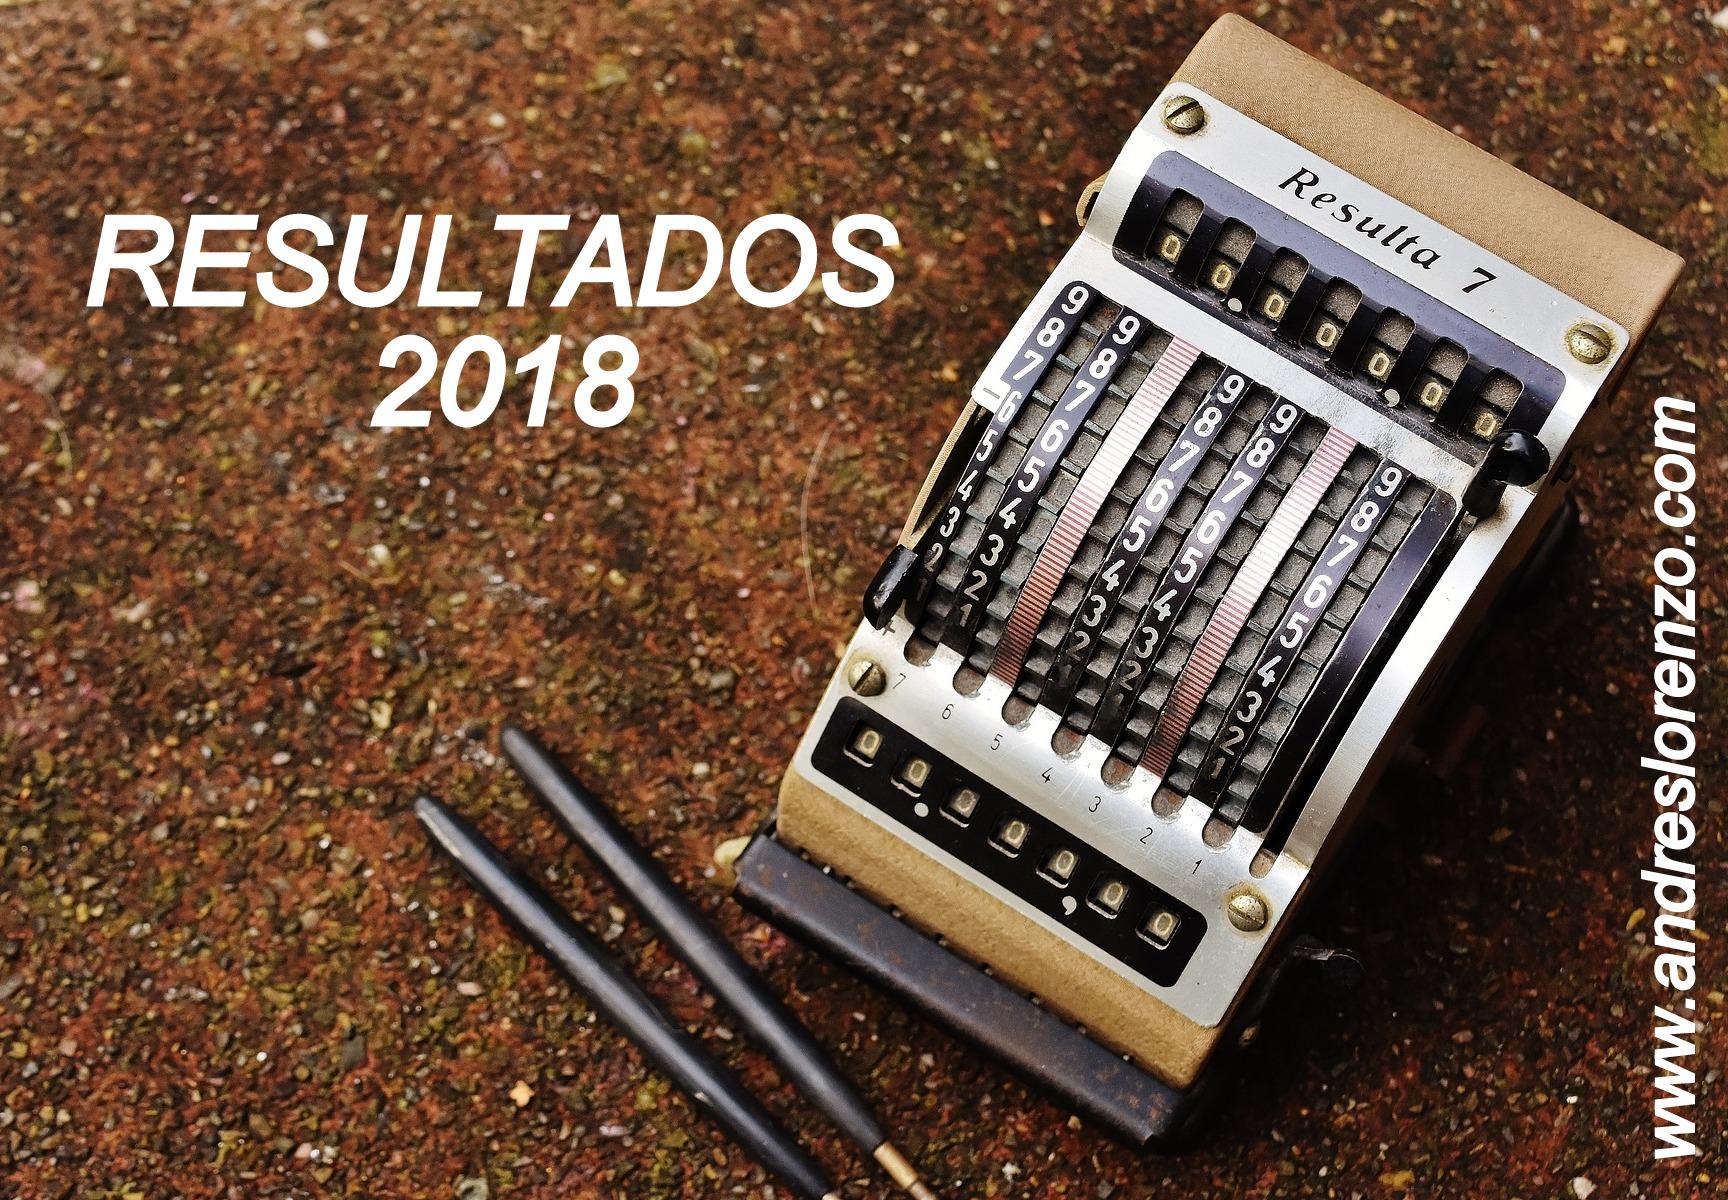 RESULTADOS 2018. CLAROSCUROS EN TIEMPOS REVUELTOS